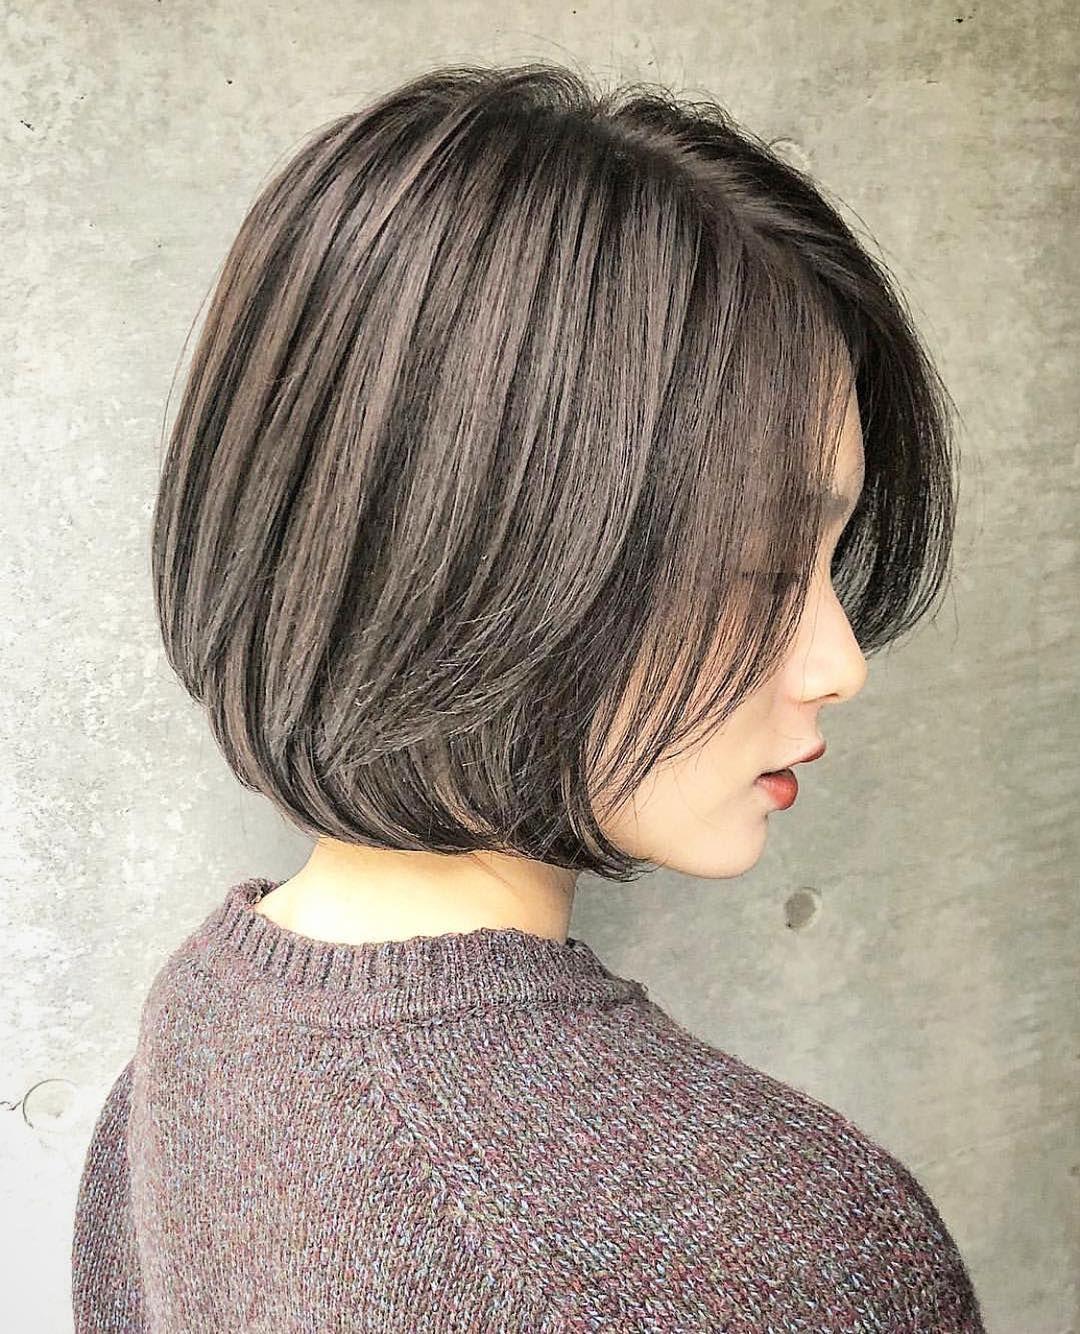 ショートボブ メイクイット ショートボブの人気の髪型をイメージ別に